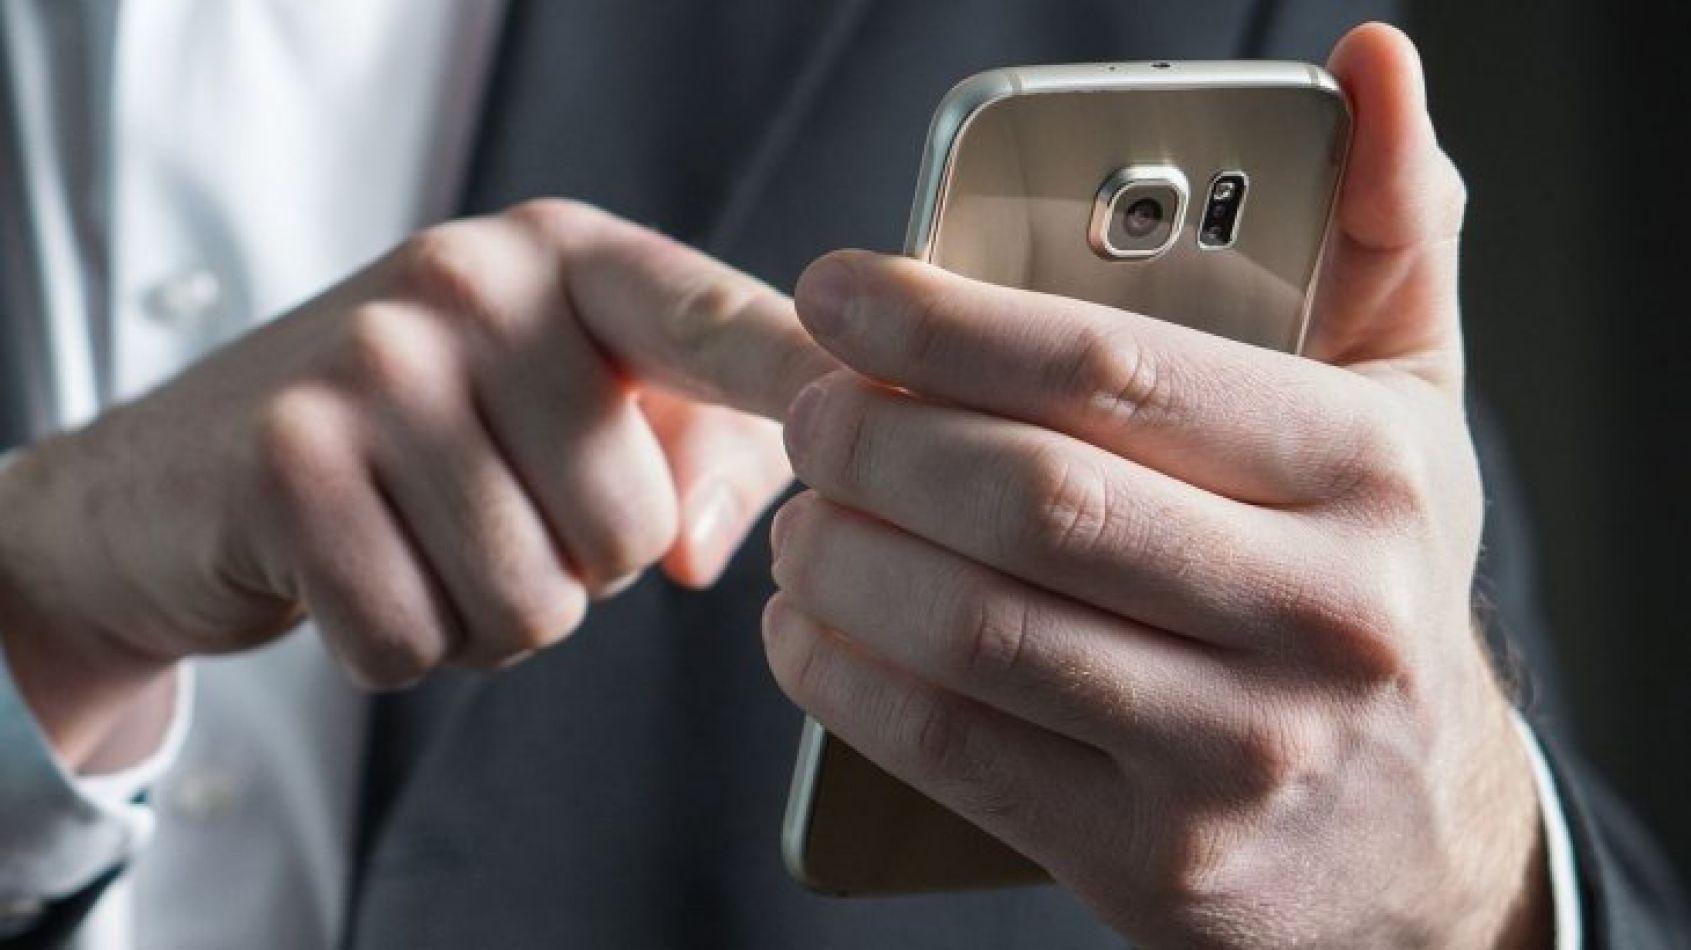 WhatsApp ahora se puede bloquear con la huella dactilar